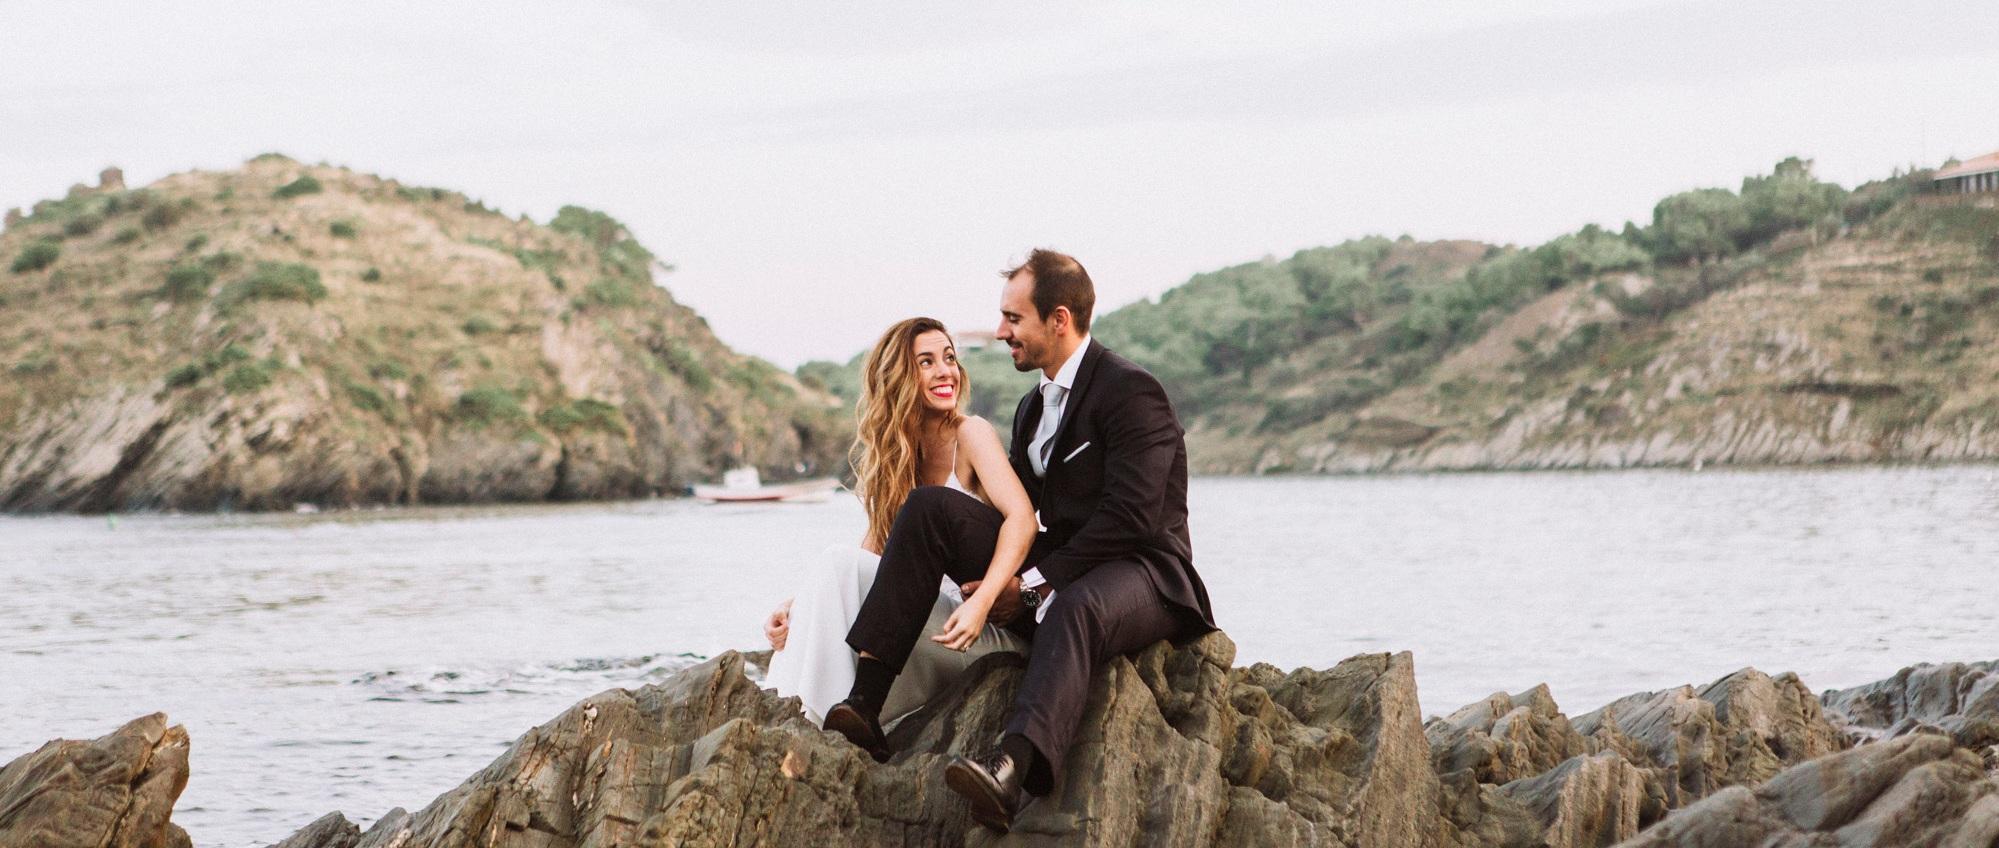 - fotografo de boda ibiza